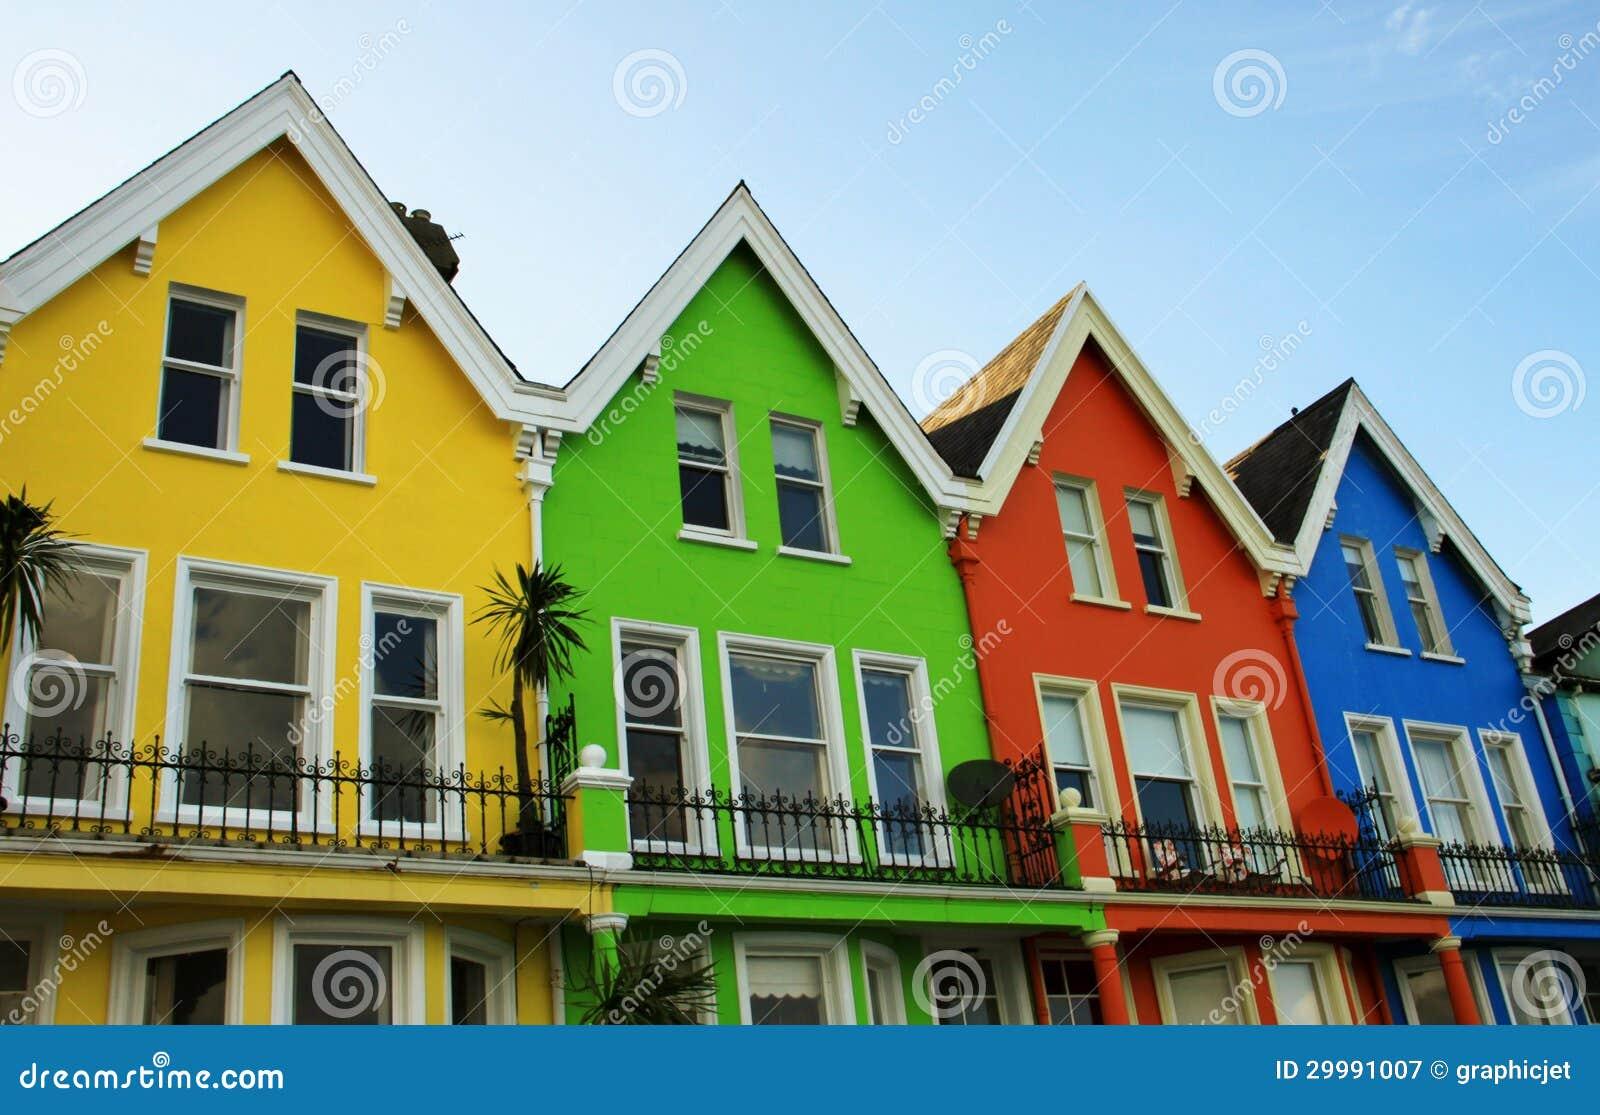 Casas de madeira coloridas brilhantes em irlanda do norte fotografia de stock royalty free - Apartamentos en irlanda ...